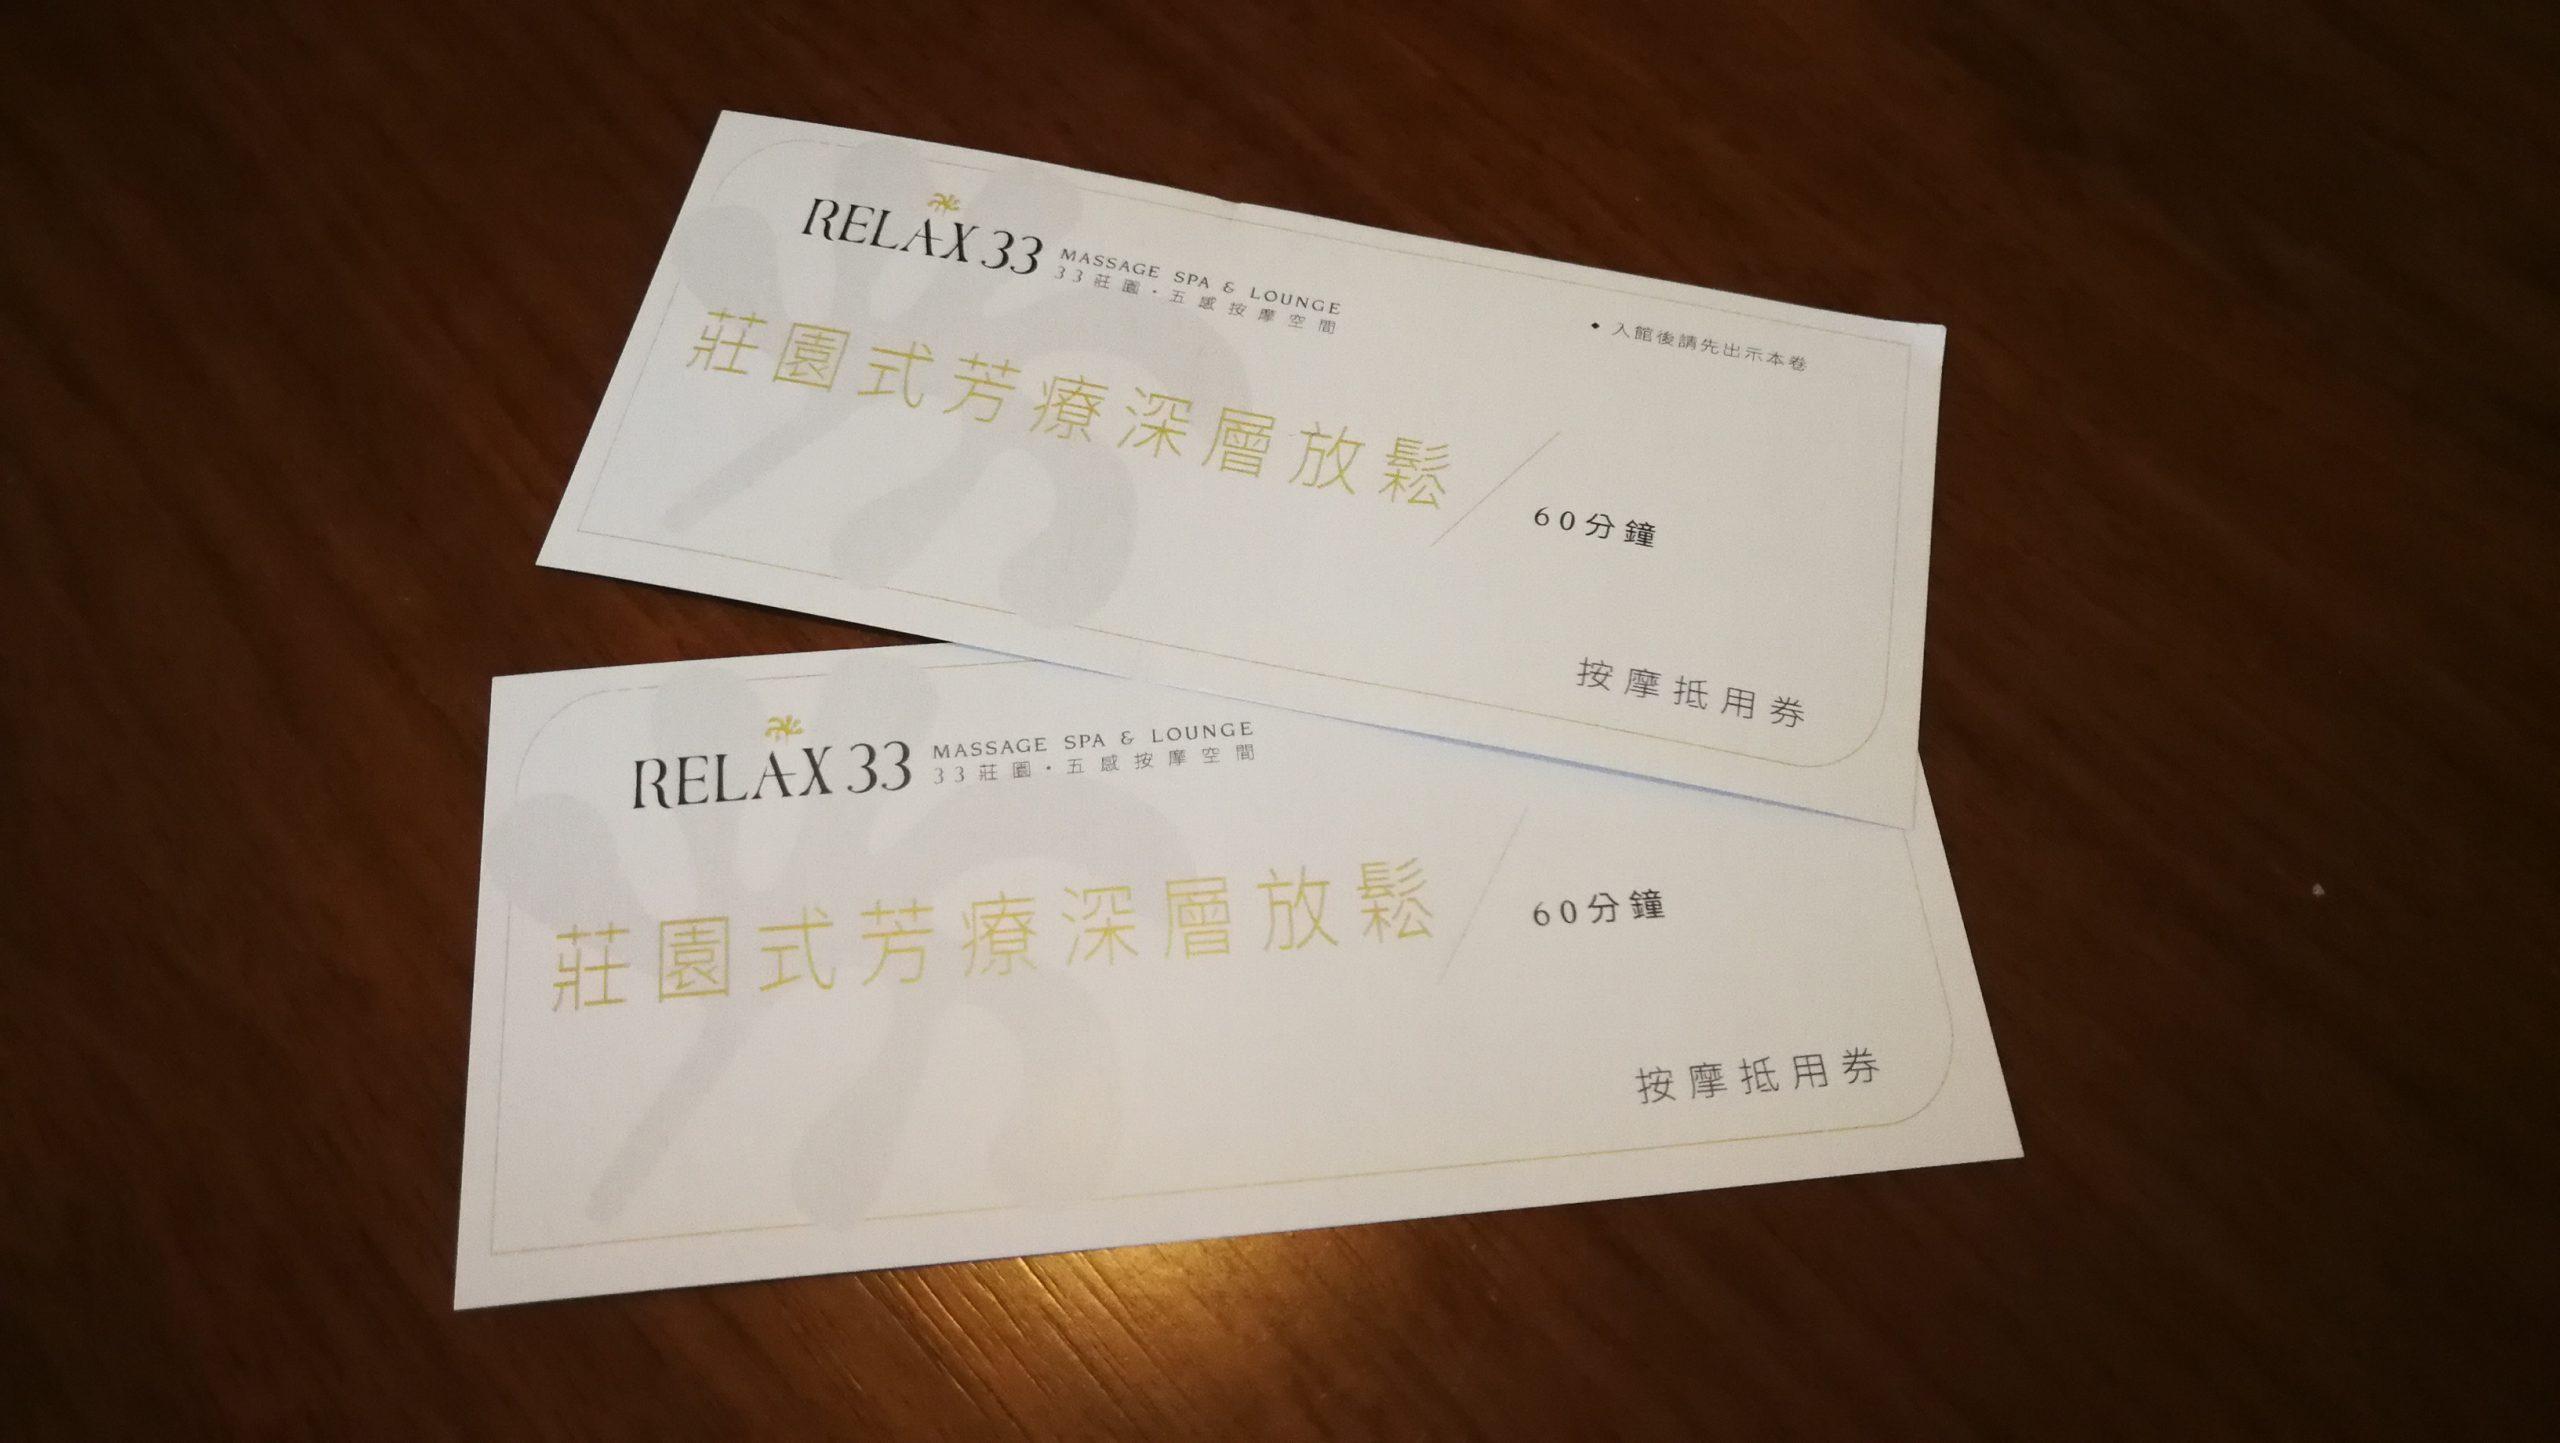 台北中山區 龍都酒樓 日本觀光客必去金貴的北京烤鴨名店 @東南亞投資報告